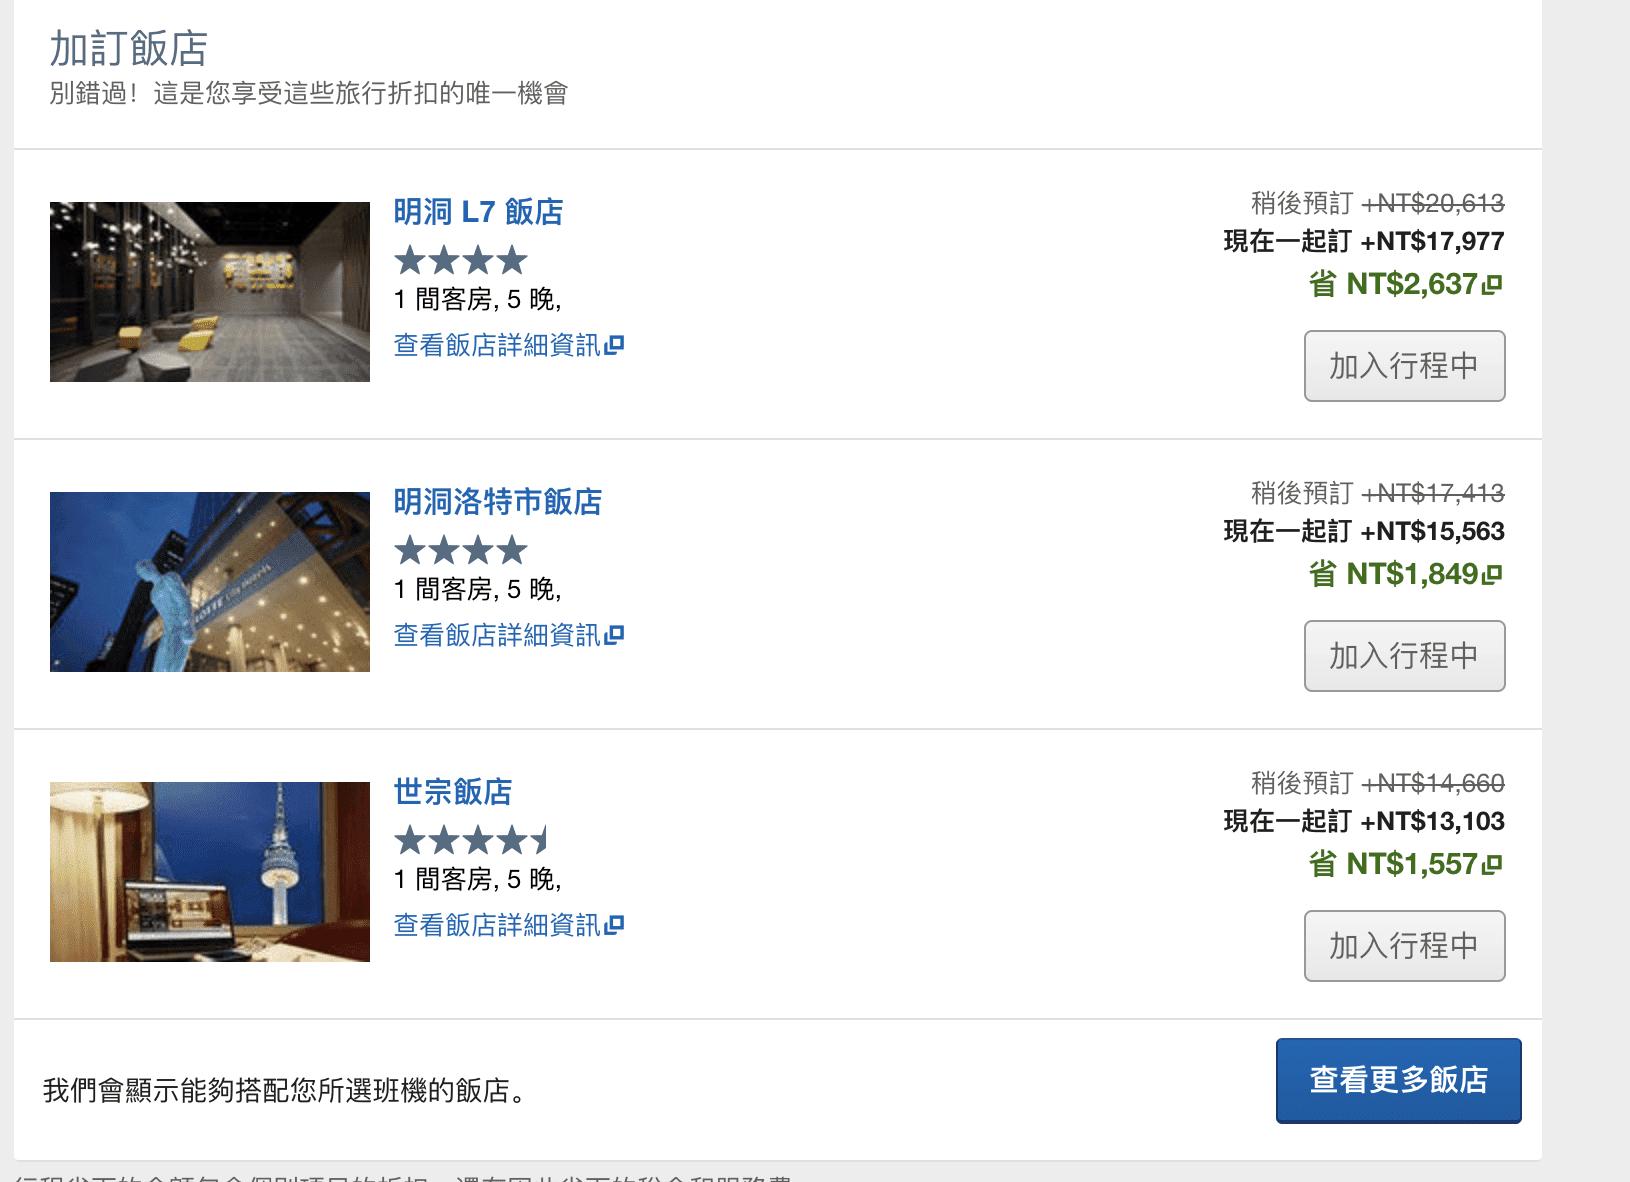 韓國航線特價,首爾、釜山查價比較(查票時間:107.3.12),兩個城市一起玩,可以省更多?!